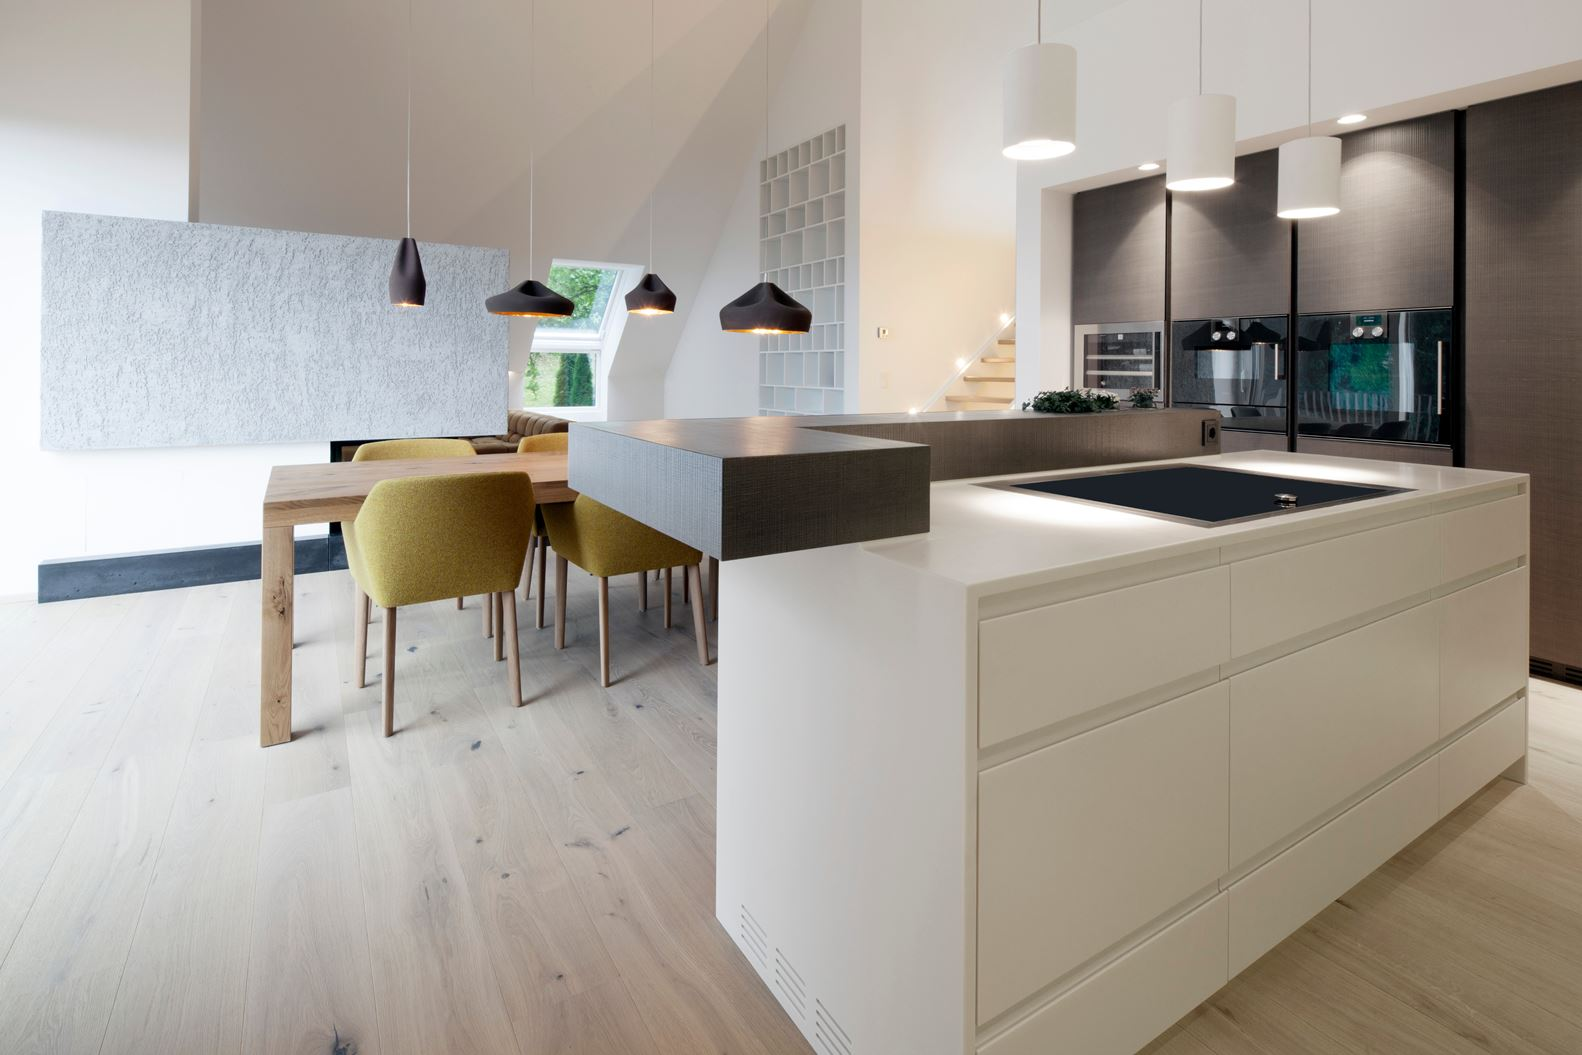 lampadario soggiorno moderno : Lampadario Elegante E Moderno Per Soggiorno : Soggiorno Pranzo: Lusso ...